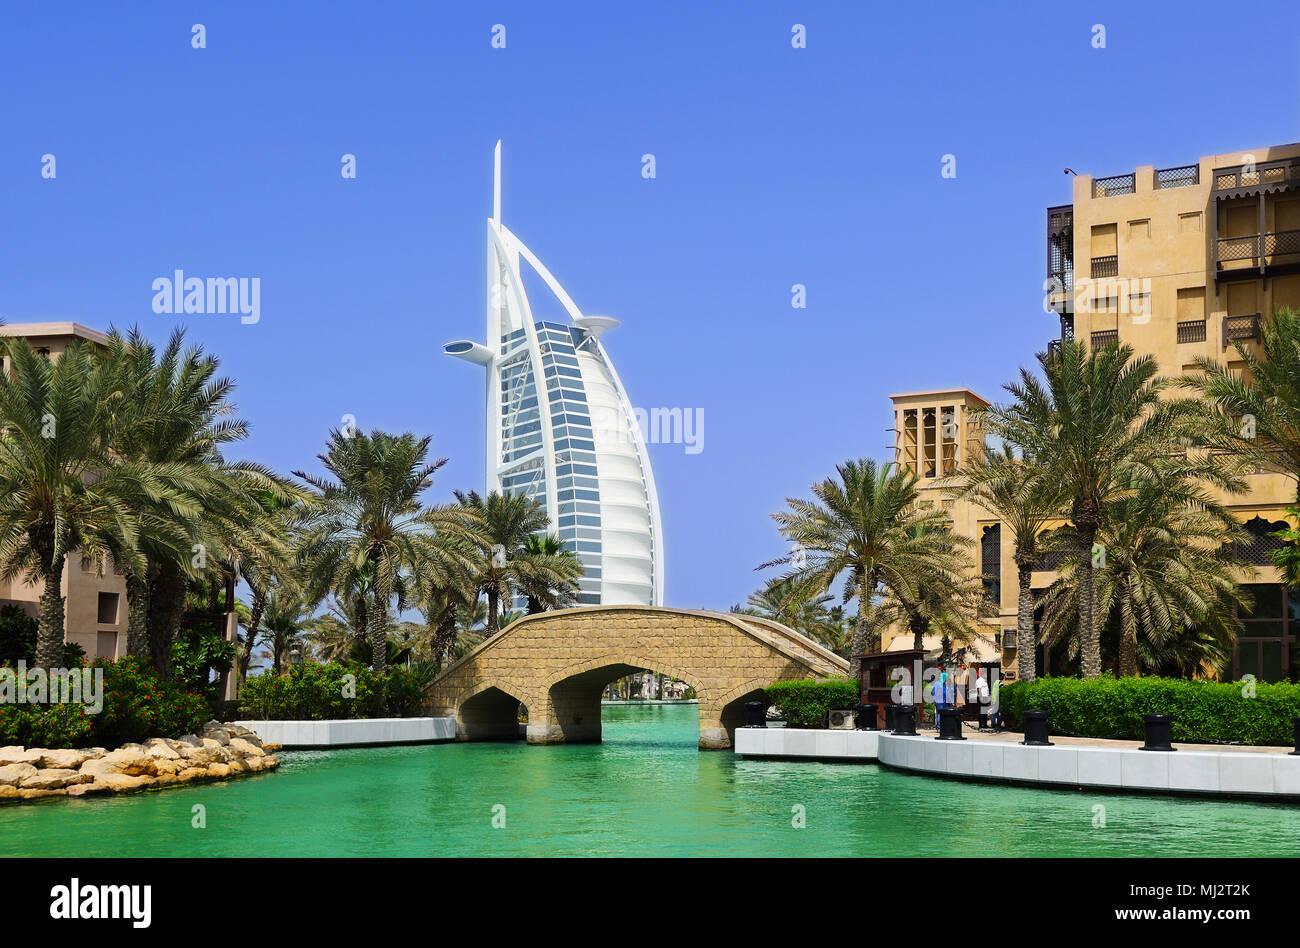 Dubai sailing hotel - Stock Image